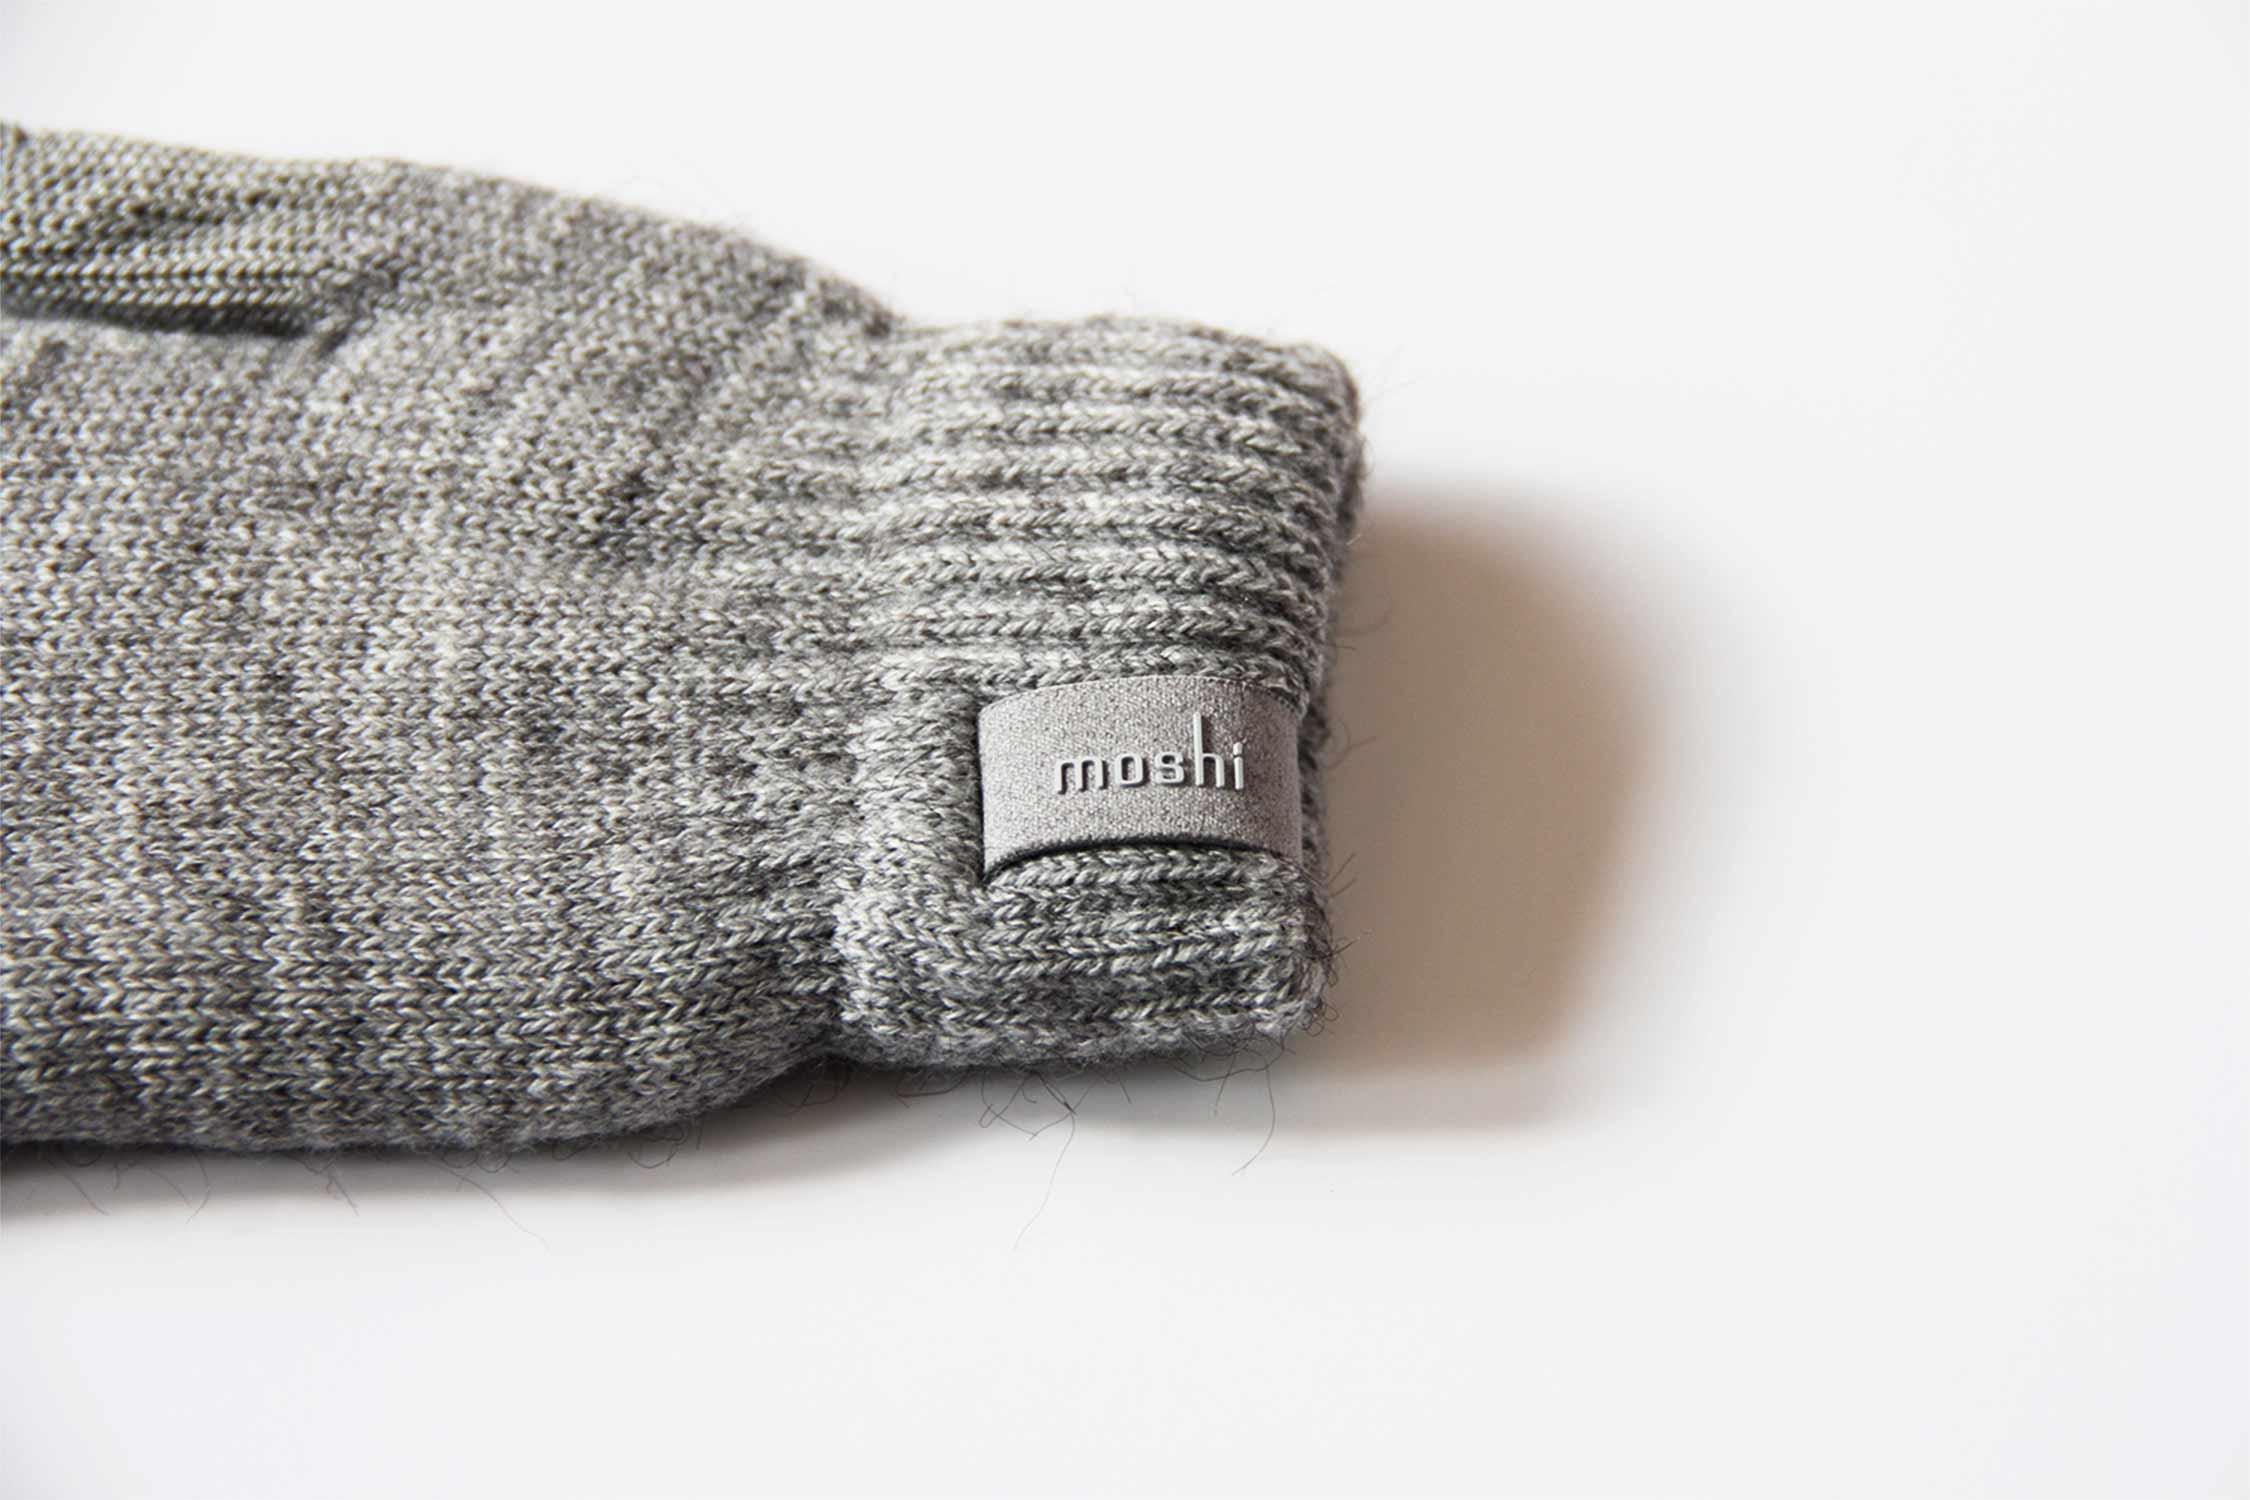 スマホ 手袋 moshi ロゴ